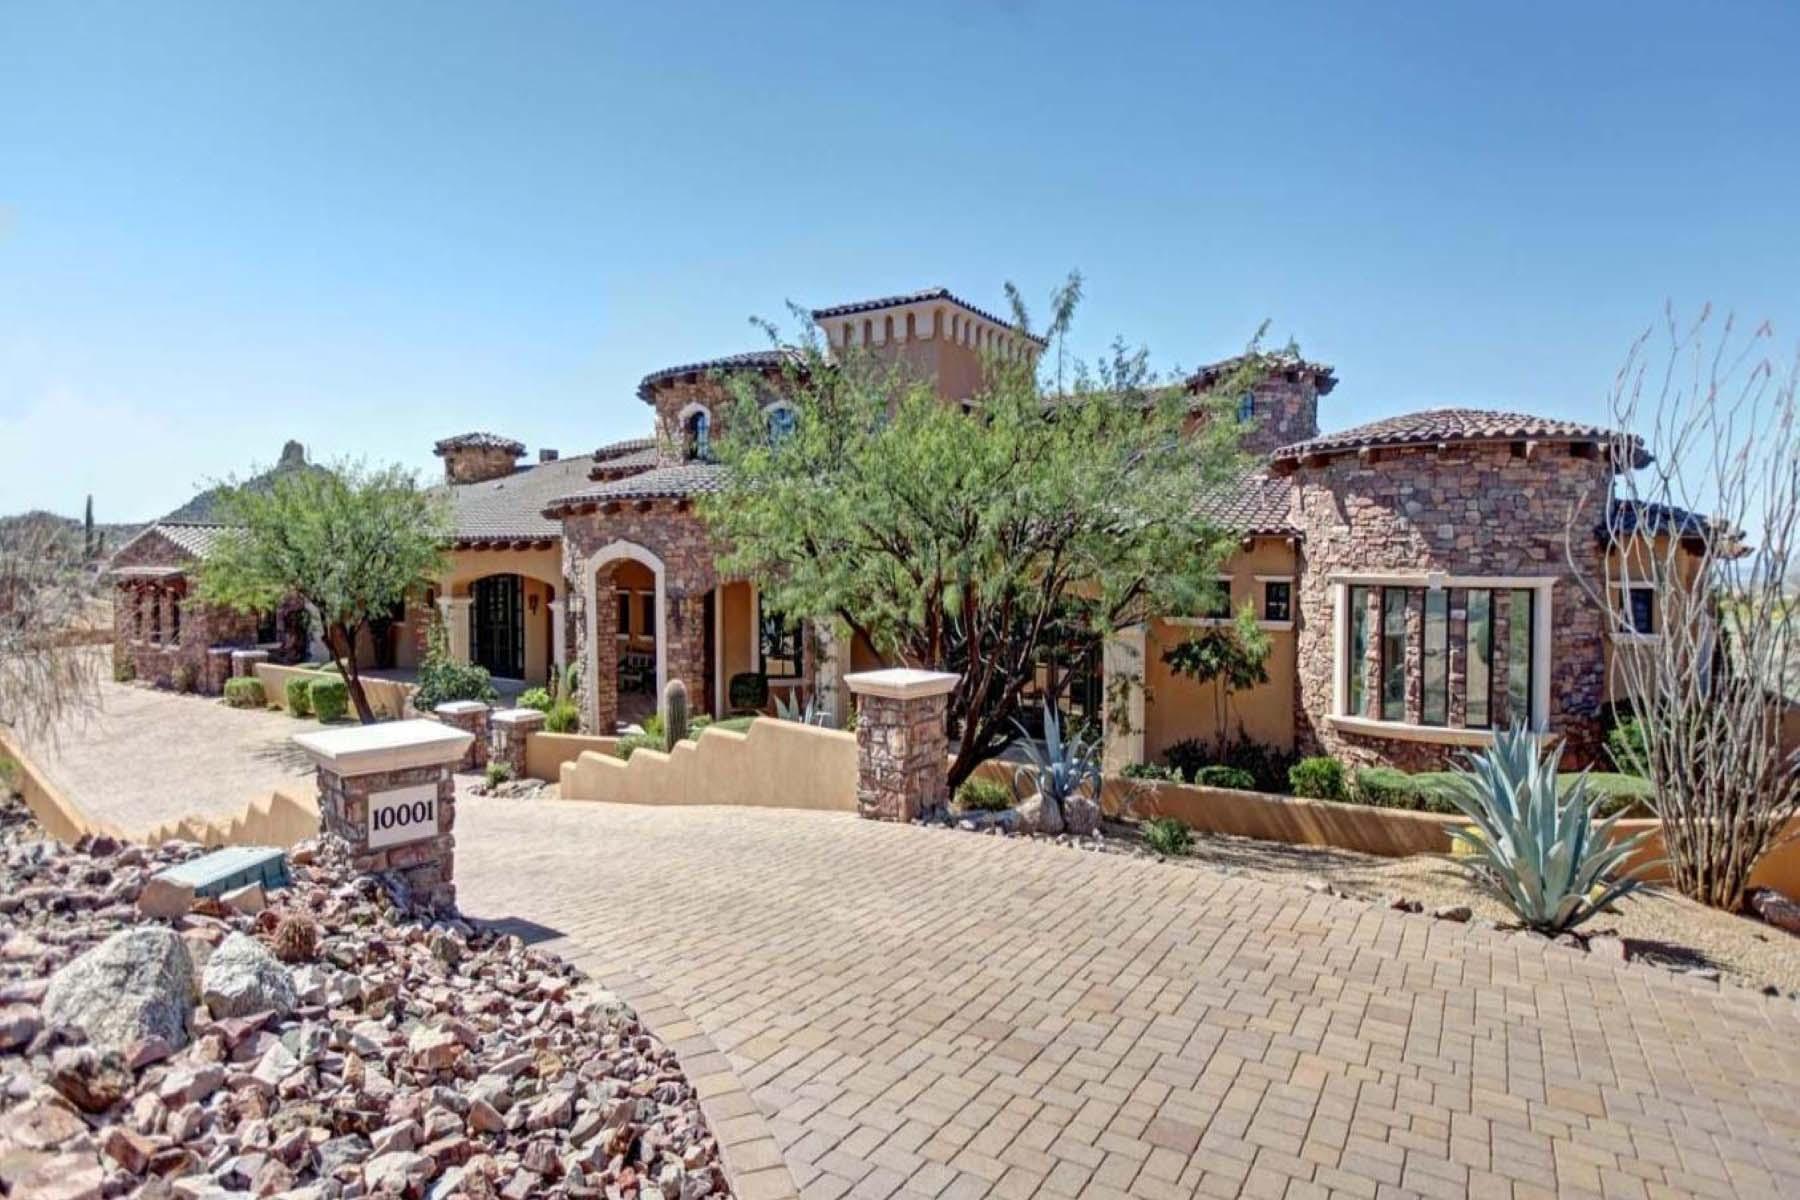 一戸建て のために 売買 アット A dream residence in the gated community of Talus. 10001 E BALANCING ROCK RD Scottsdale, アリゾナ 85262 アメリカ合衆国